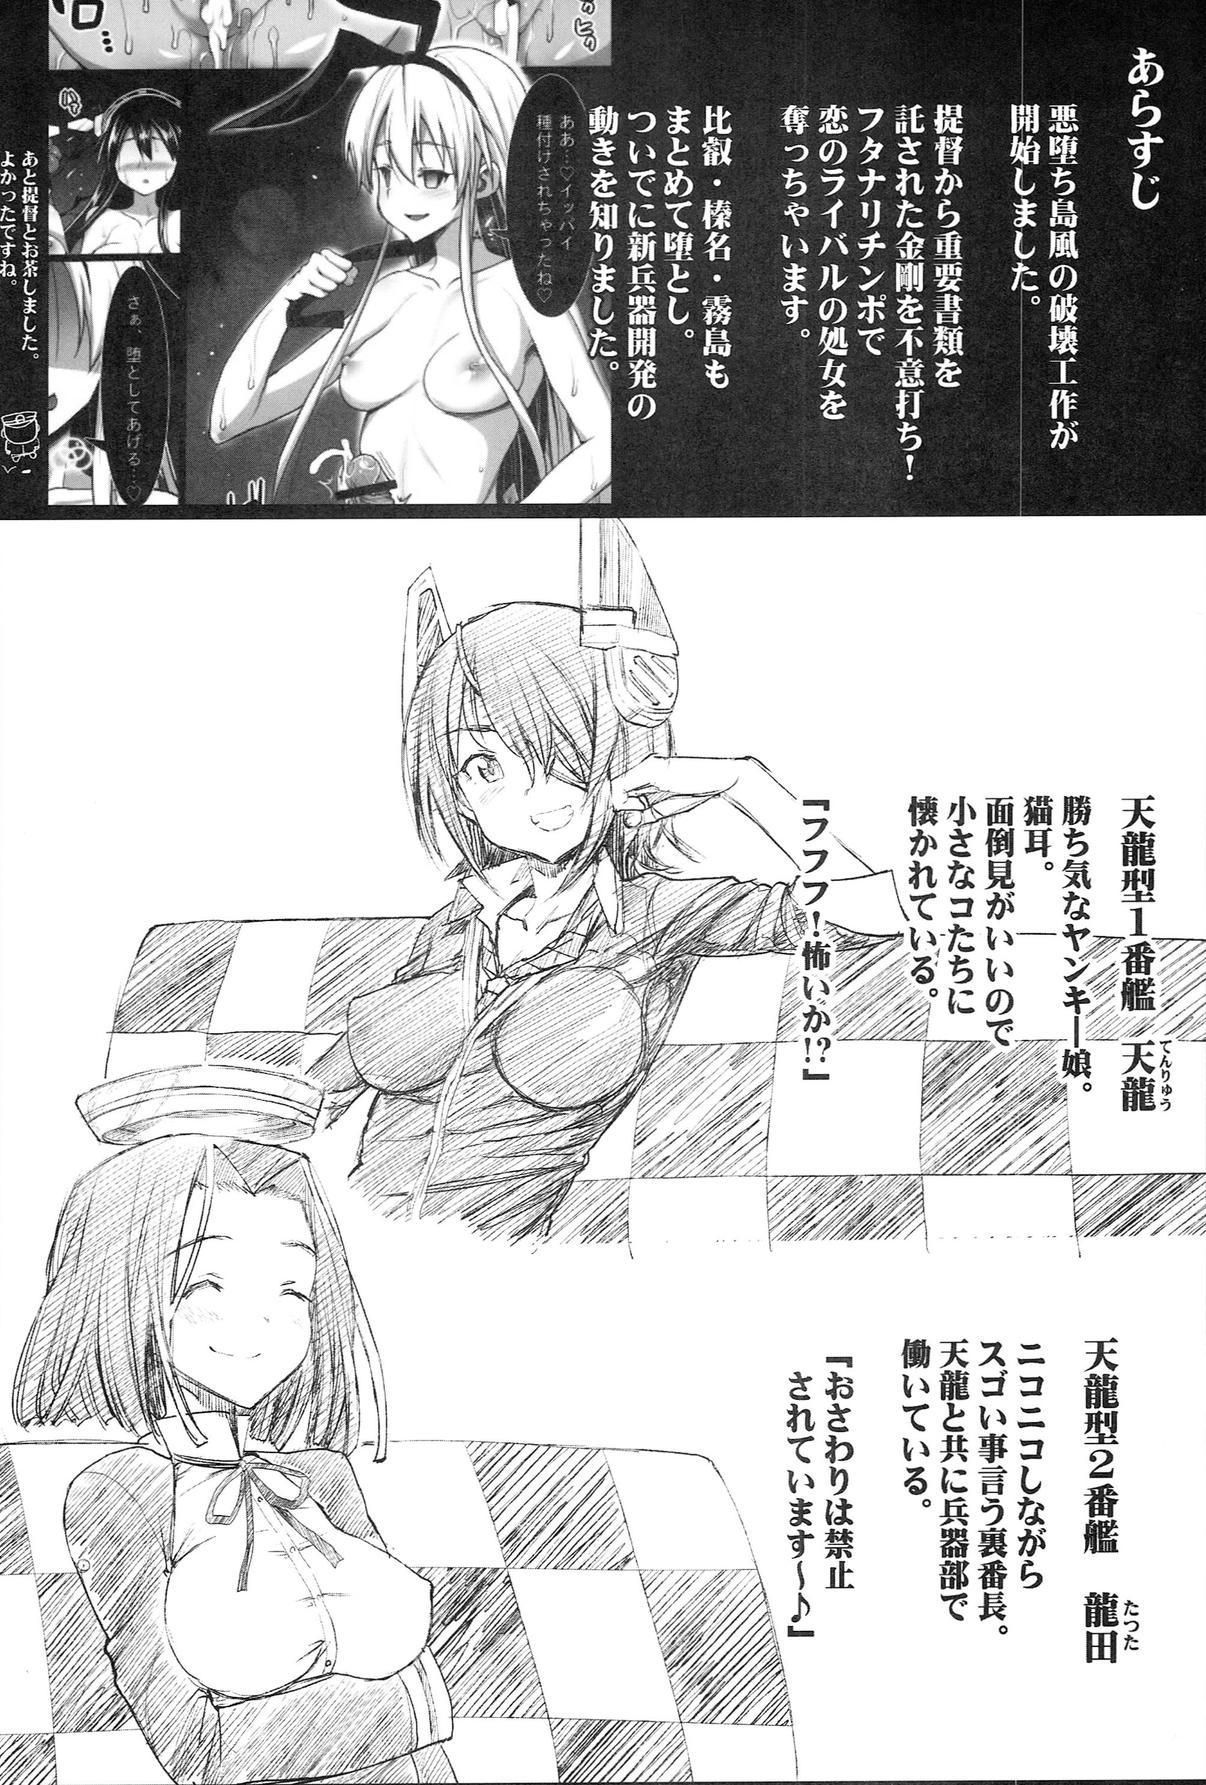 Akuochi Shimakaze 3 3